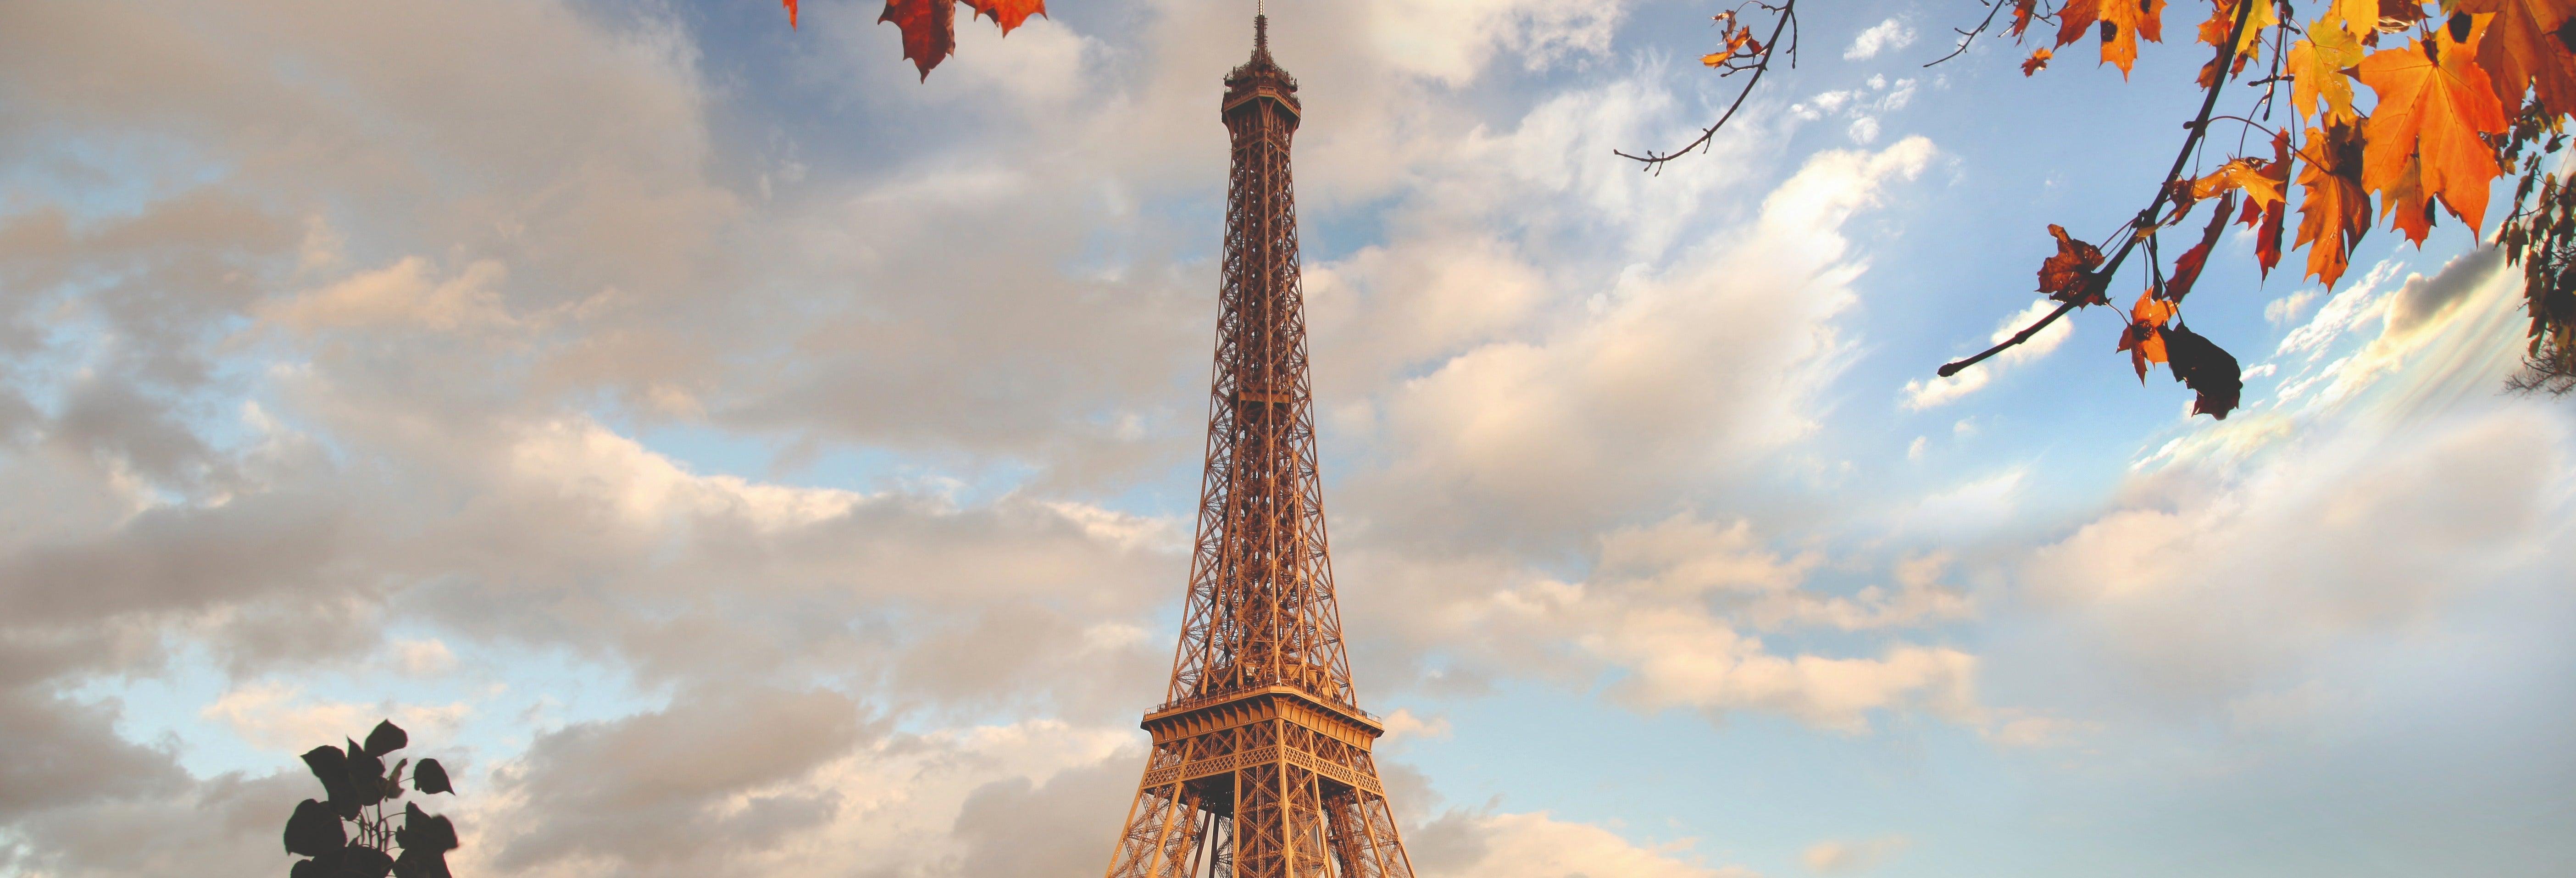 Visite de Paris, croisière sur la Seine et Tour Eiffel